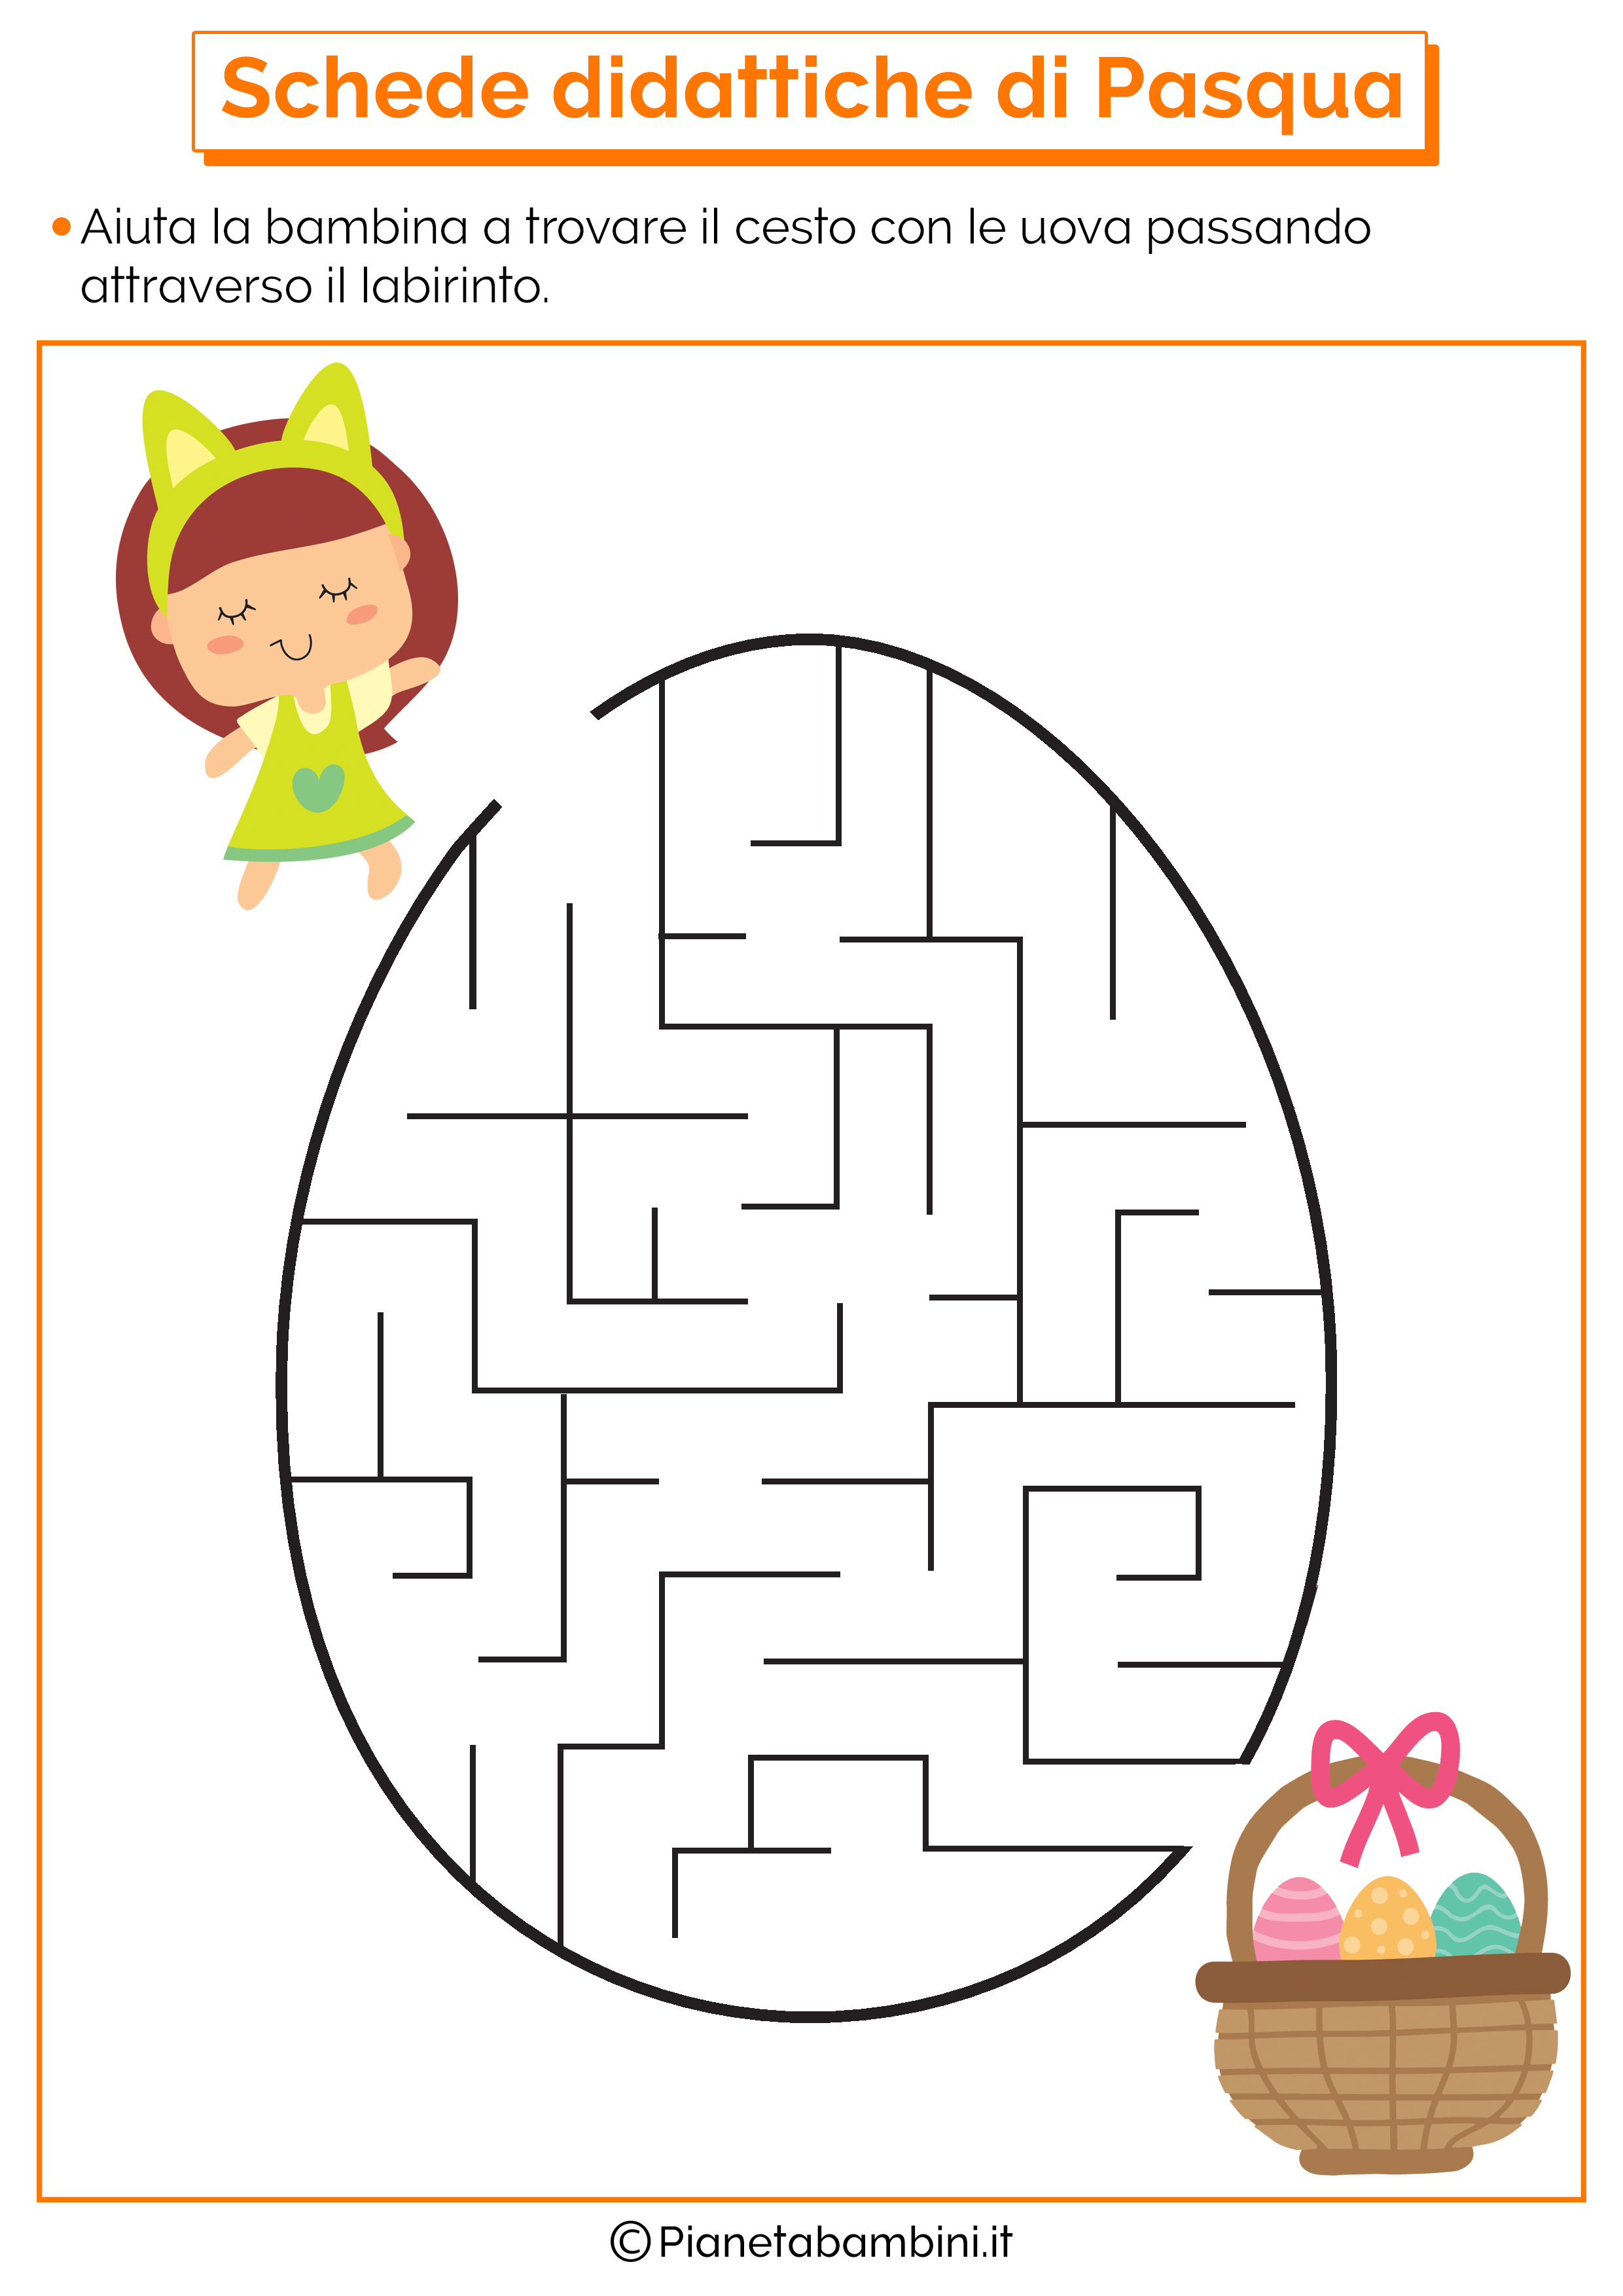 Scheda didattica di Pasqua per la scuola dell'infanzia 9